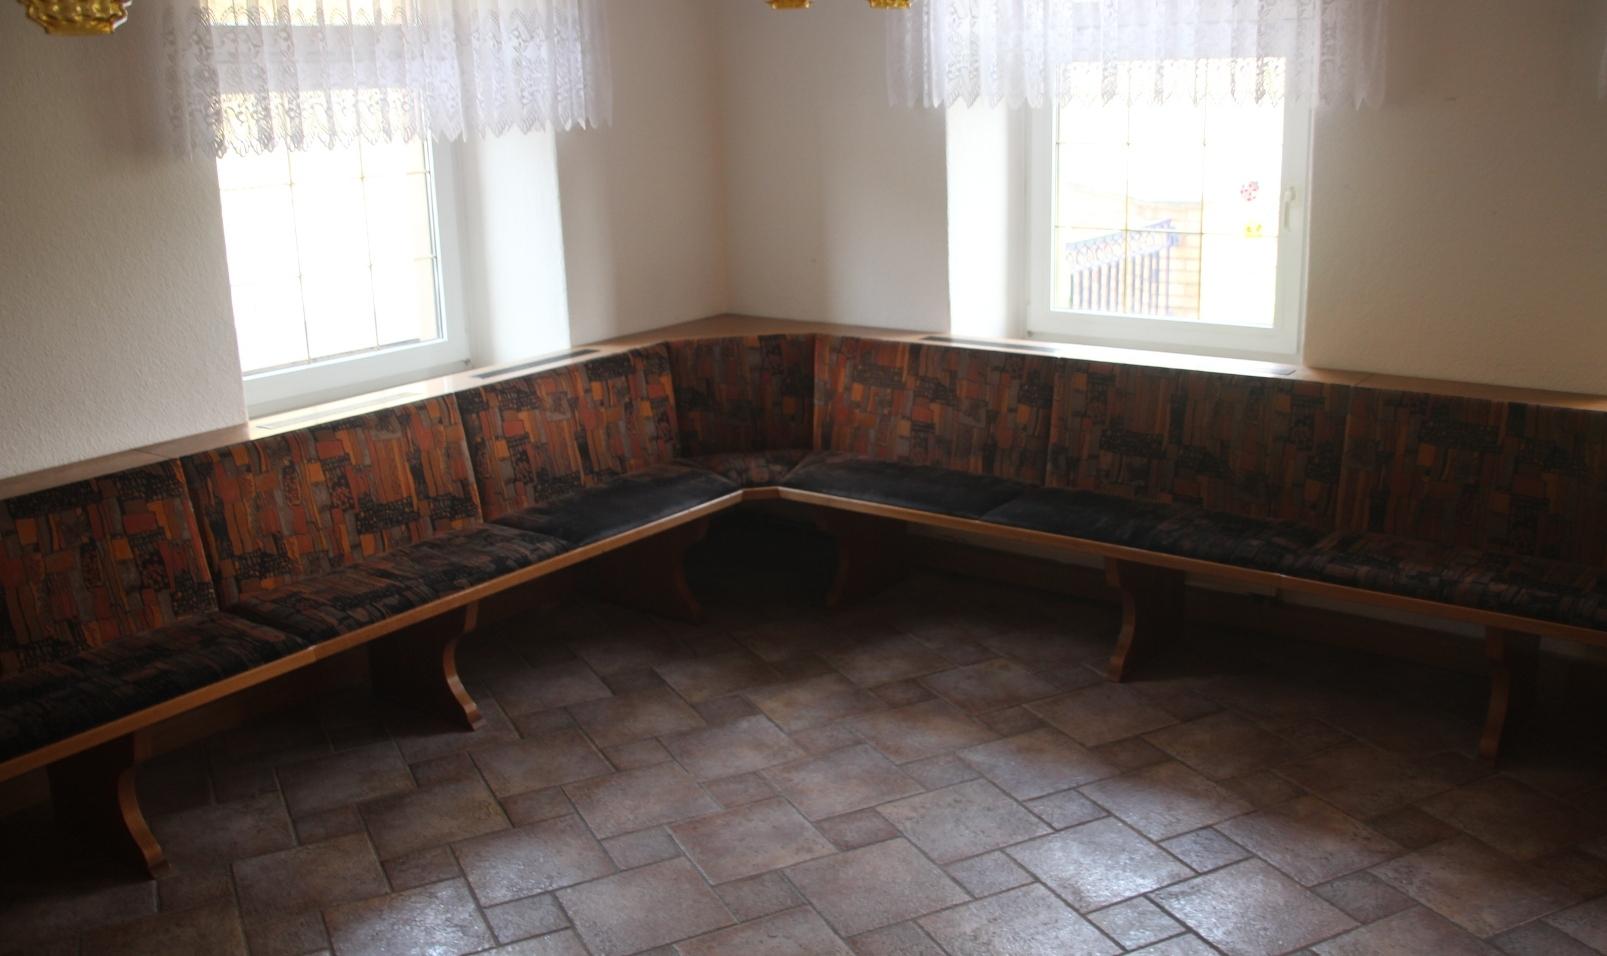 charmant gebrauchte sitzb nke f r gastronomie bilder die. Black Bedroom Furniture Sets. Home Design Ideas